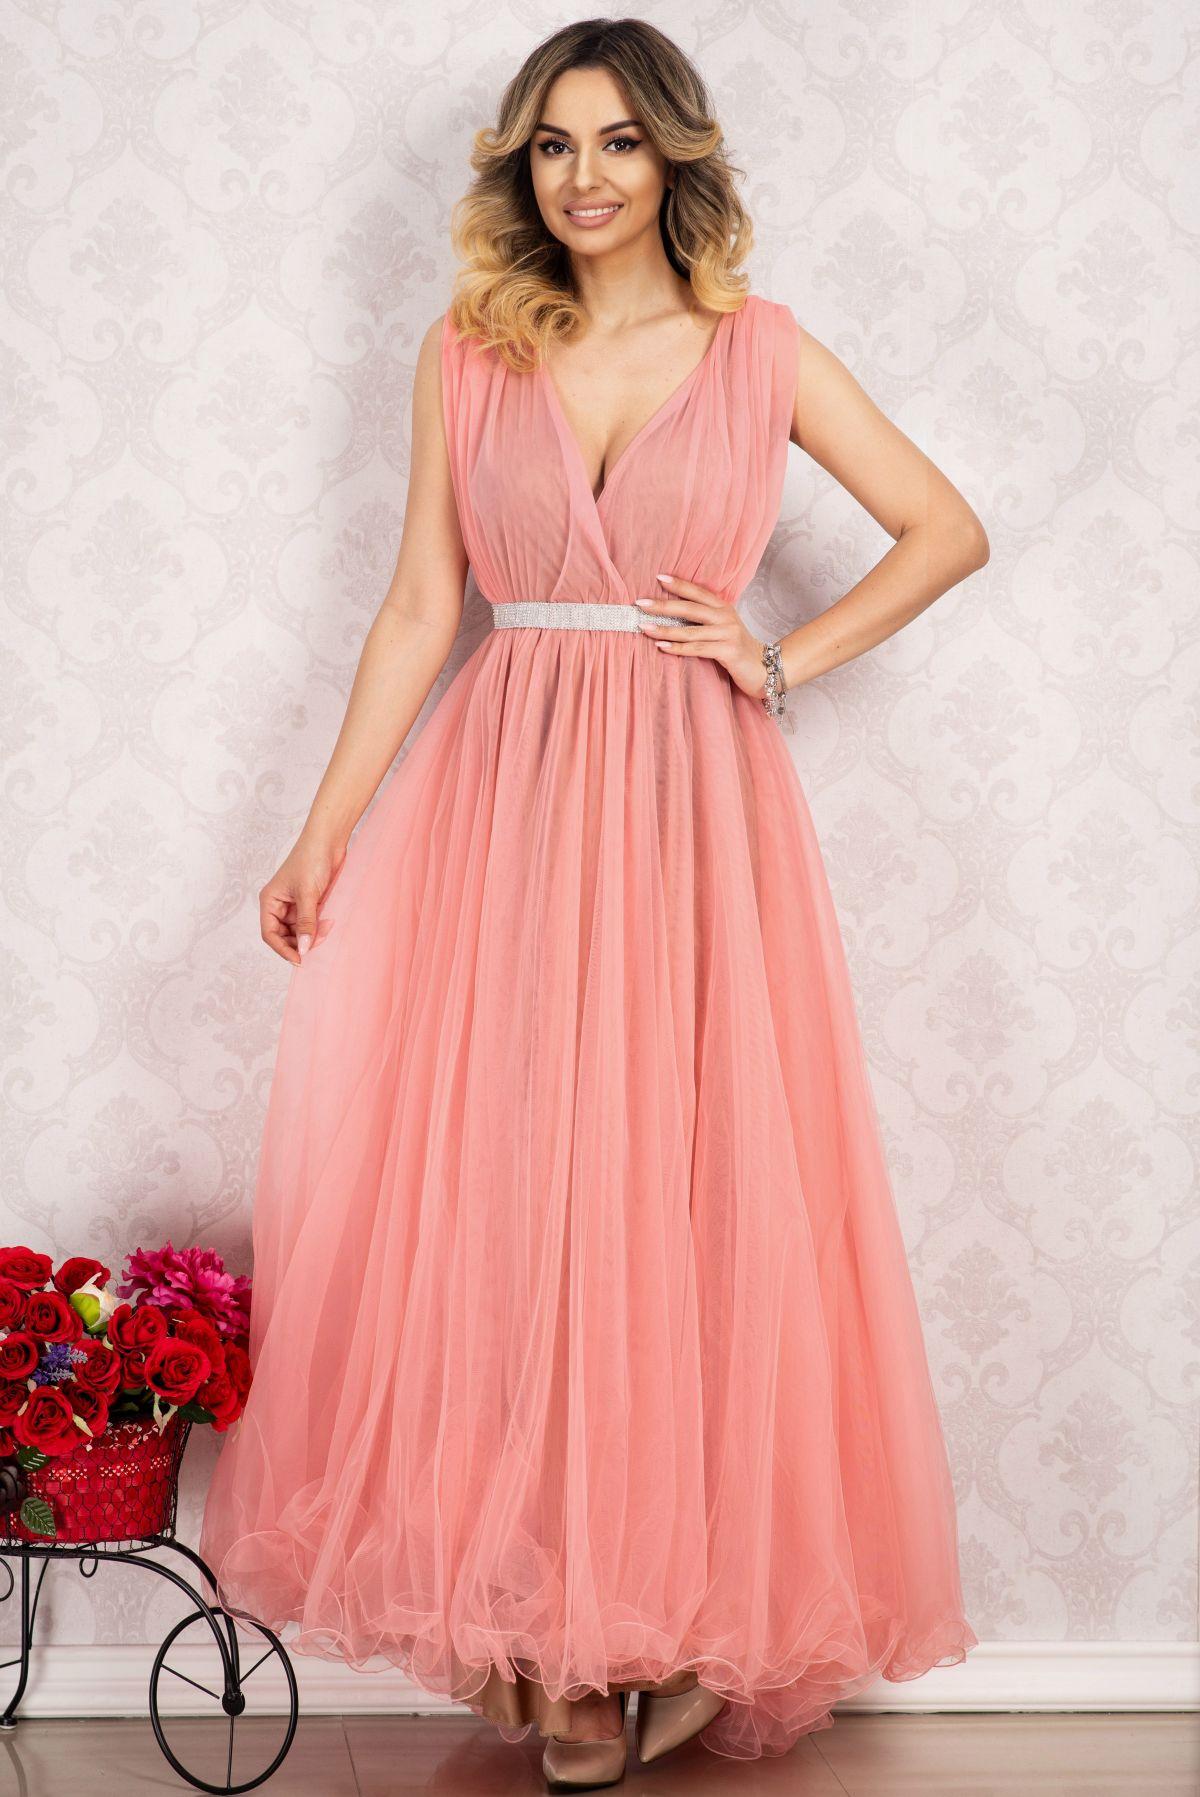 Rochie pentru domnisoara de onoare lunga roz din tulle By InPuff